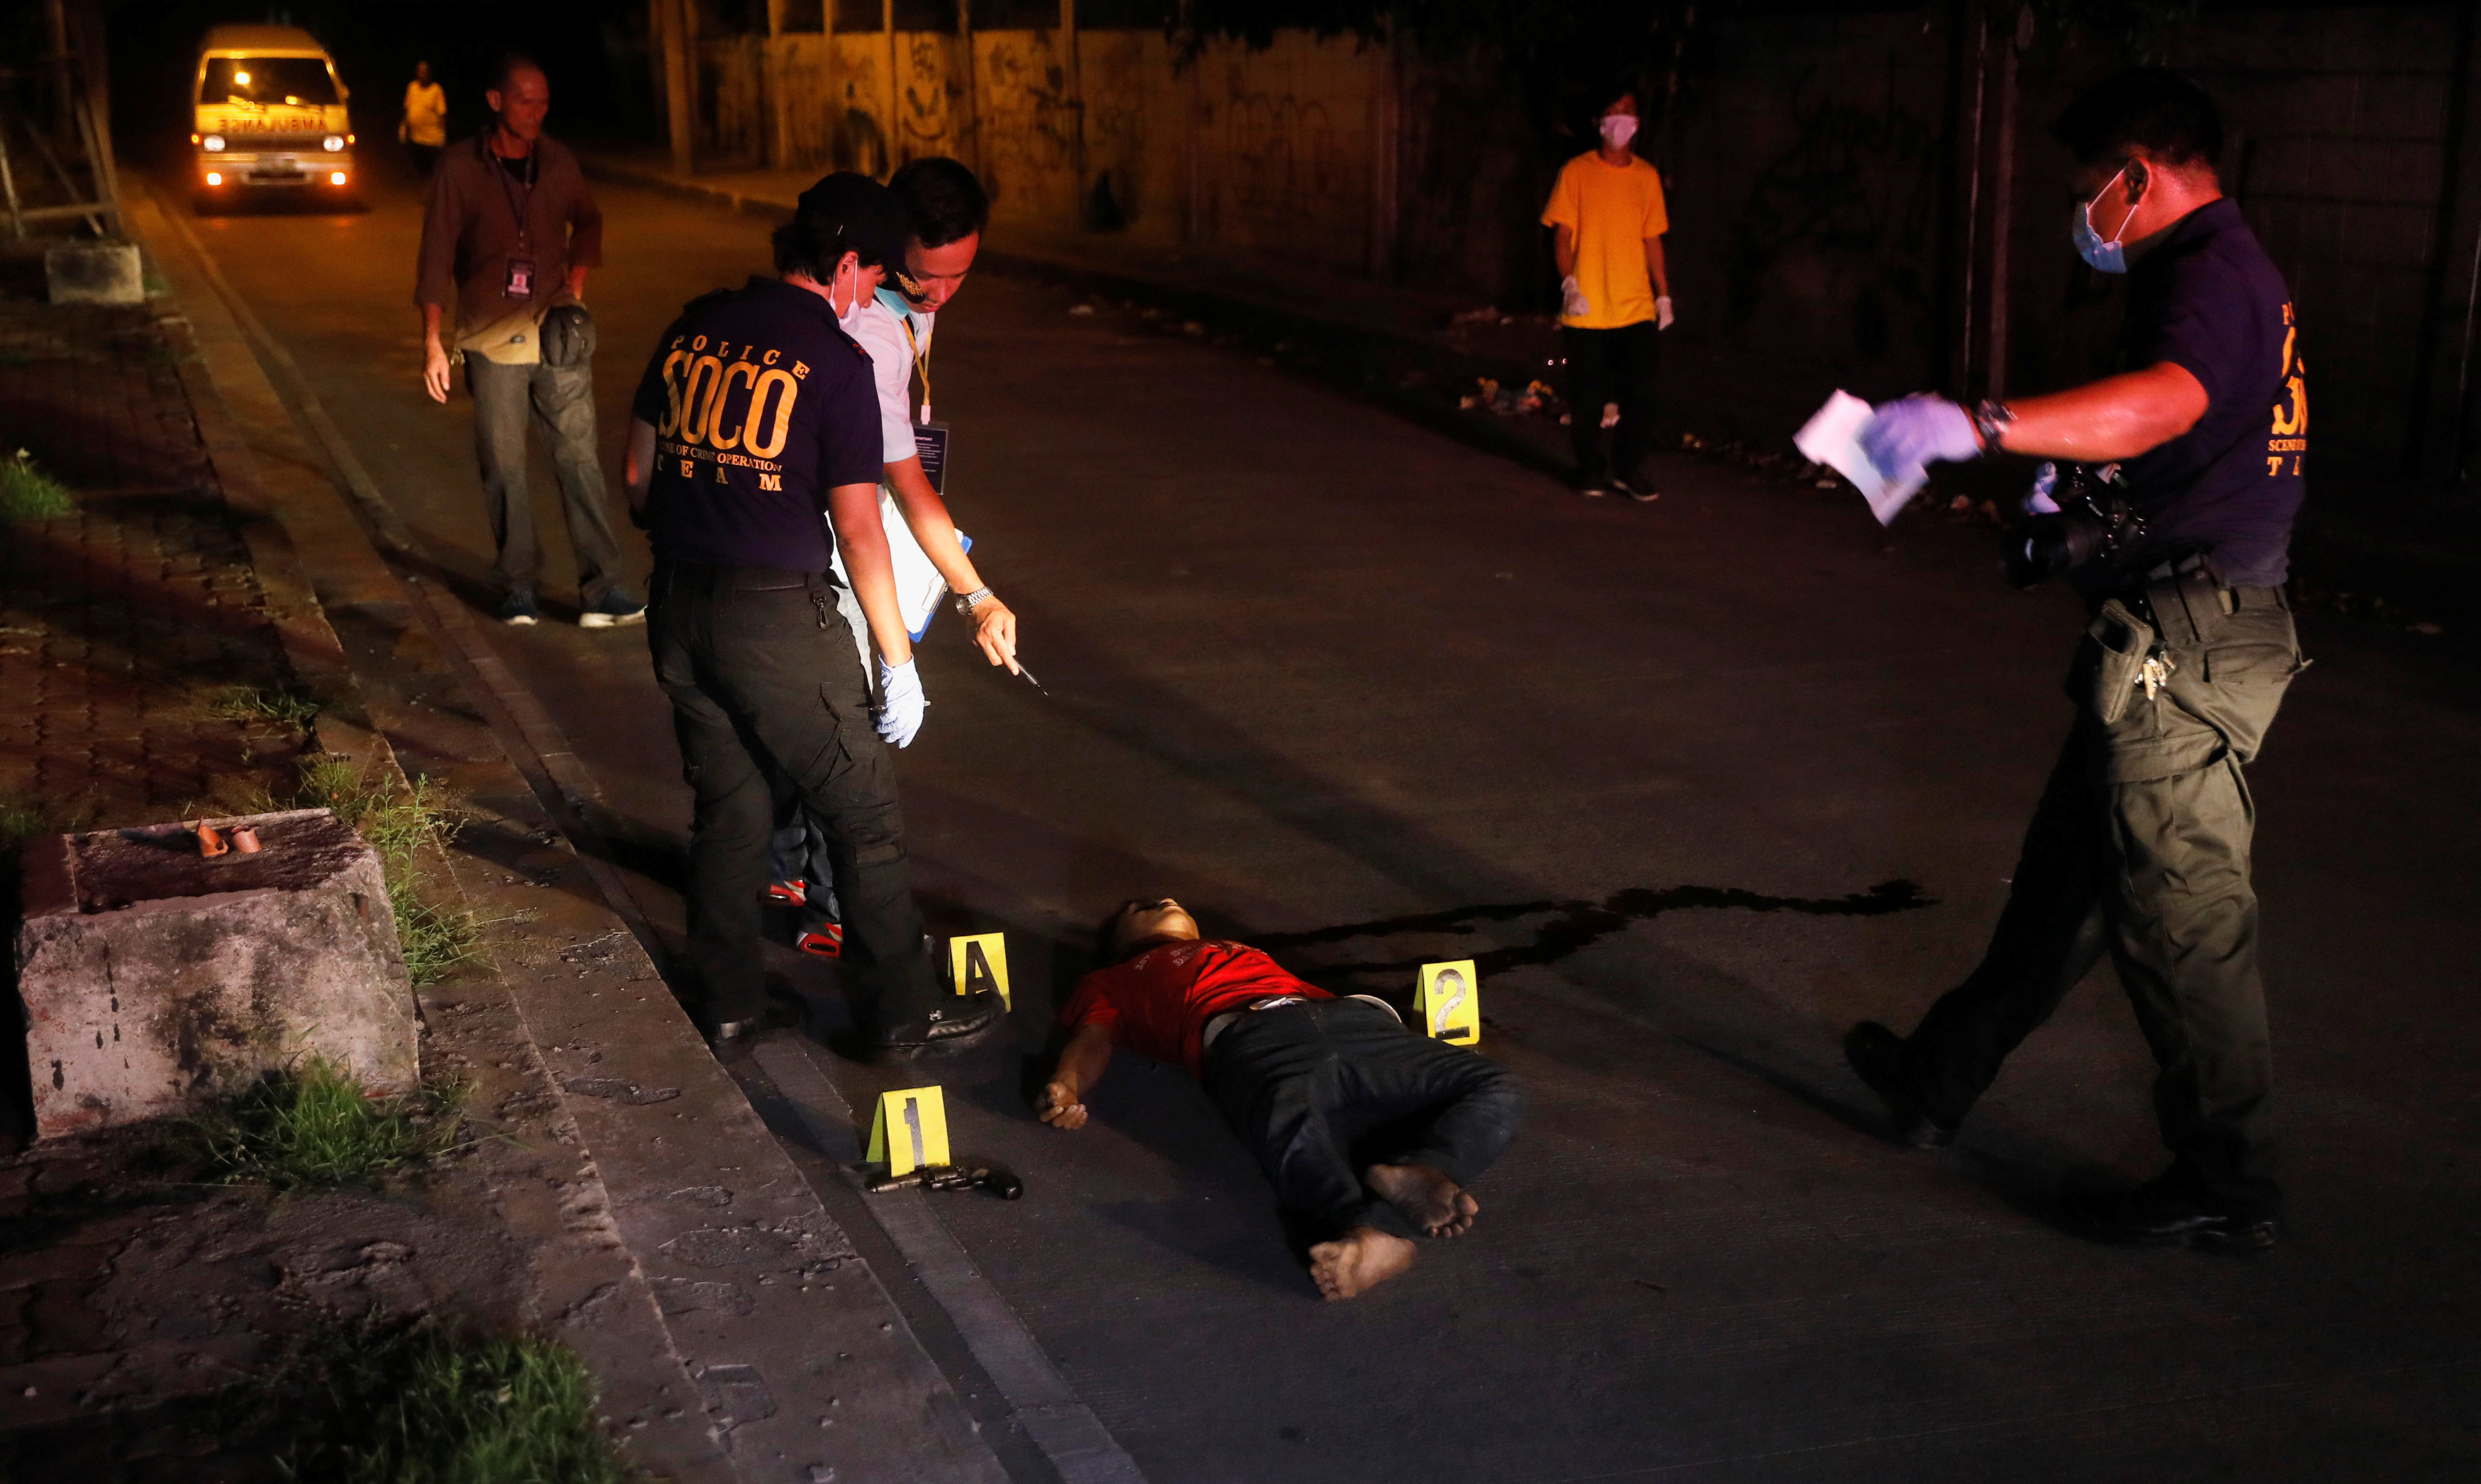 رجال المعمل الجنائى ترفع آثار الحادث عقب مقتل أحد تجار المخدرات فى تبادل لاطلاق النار